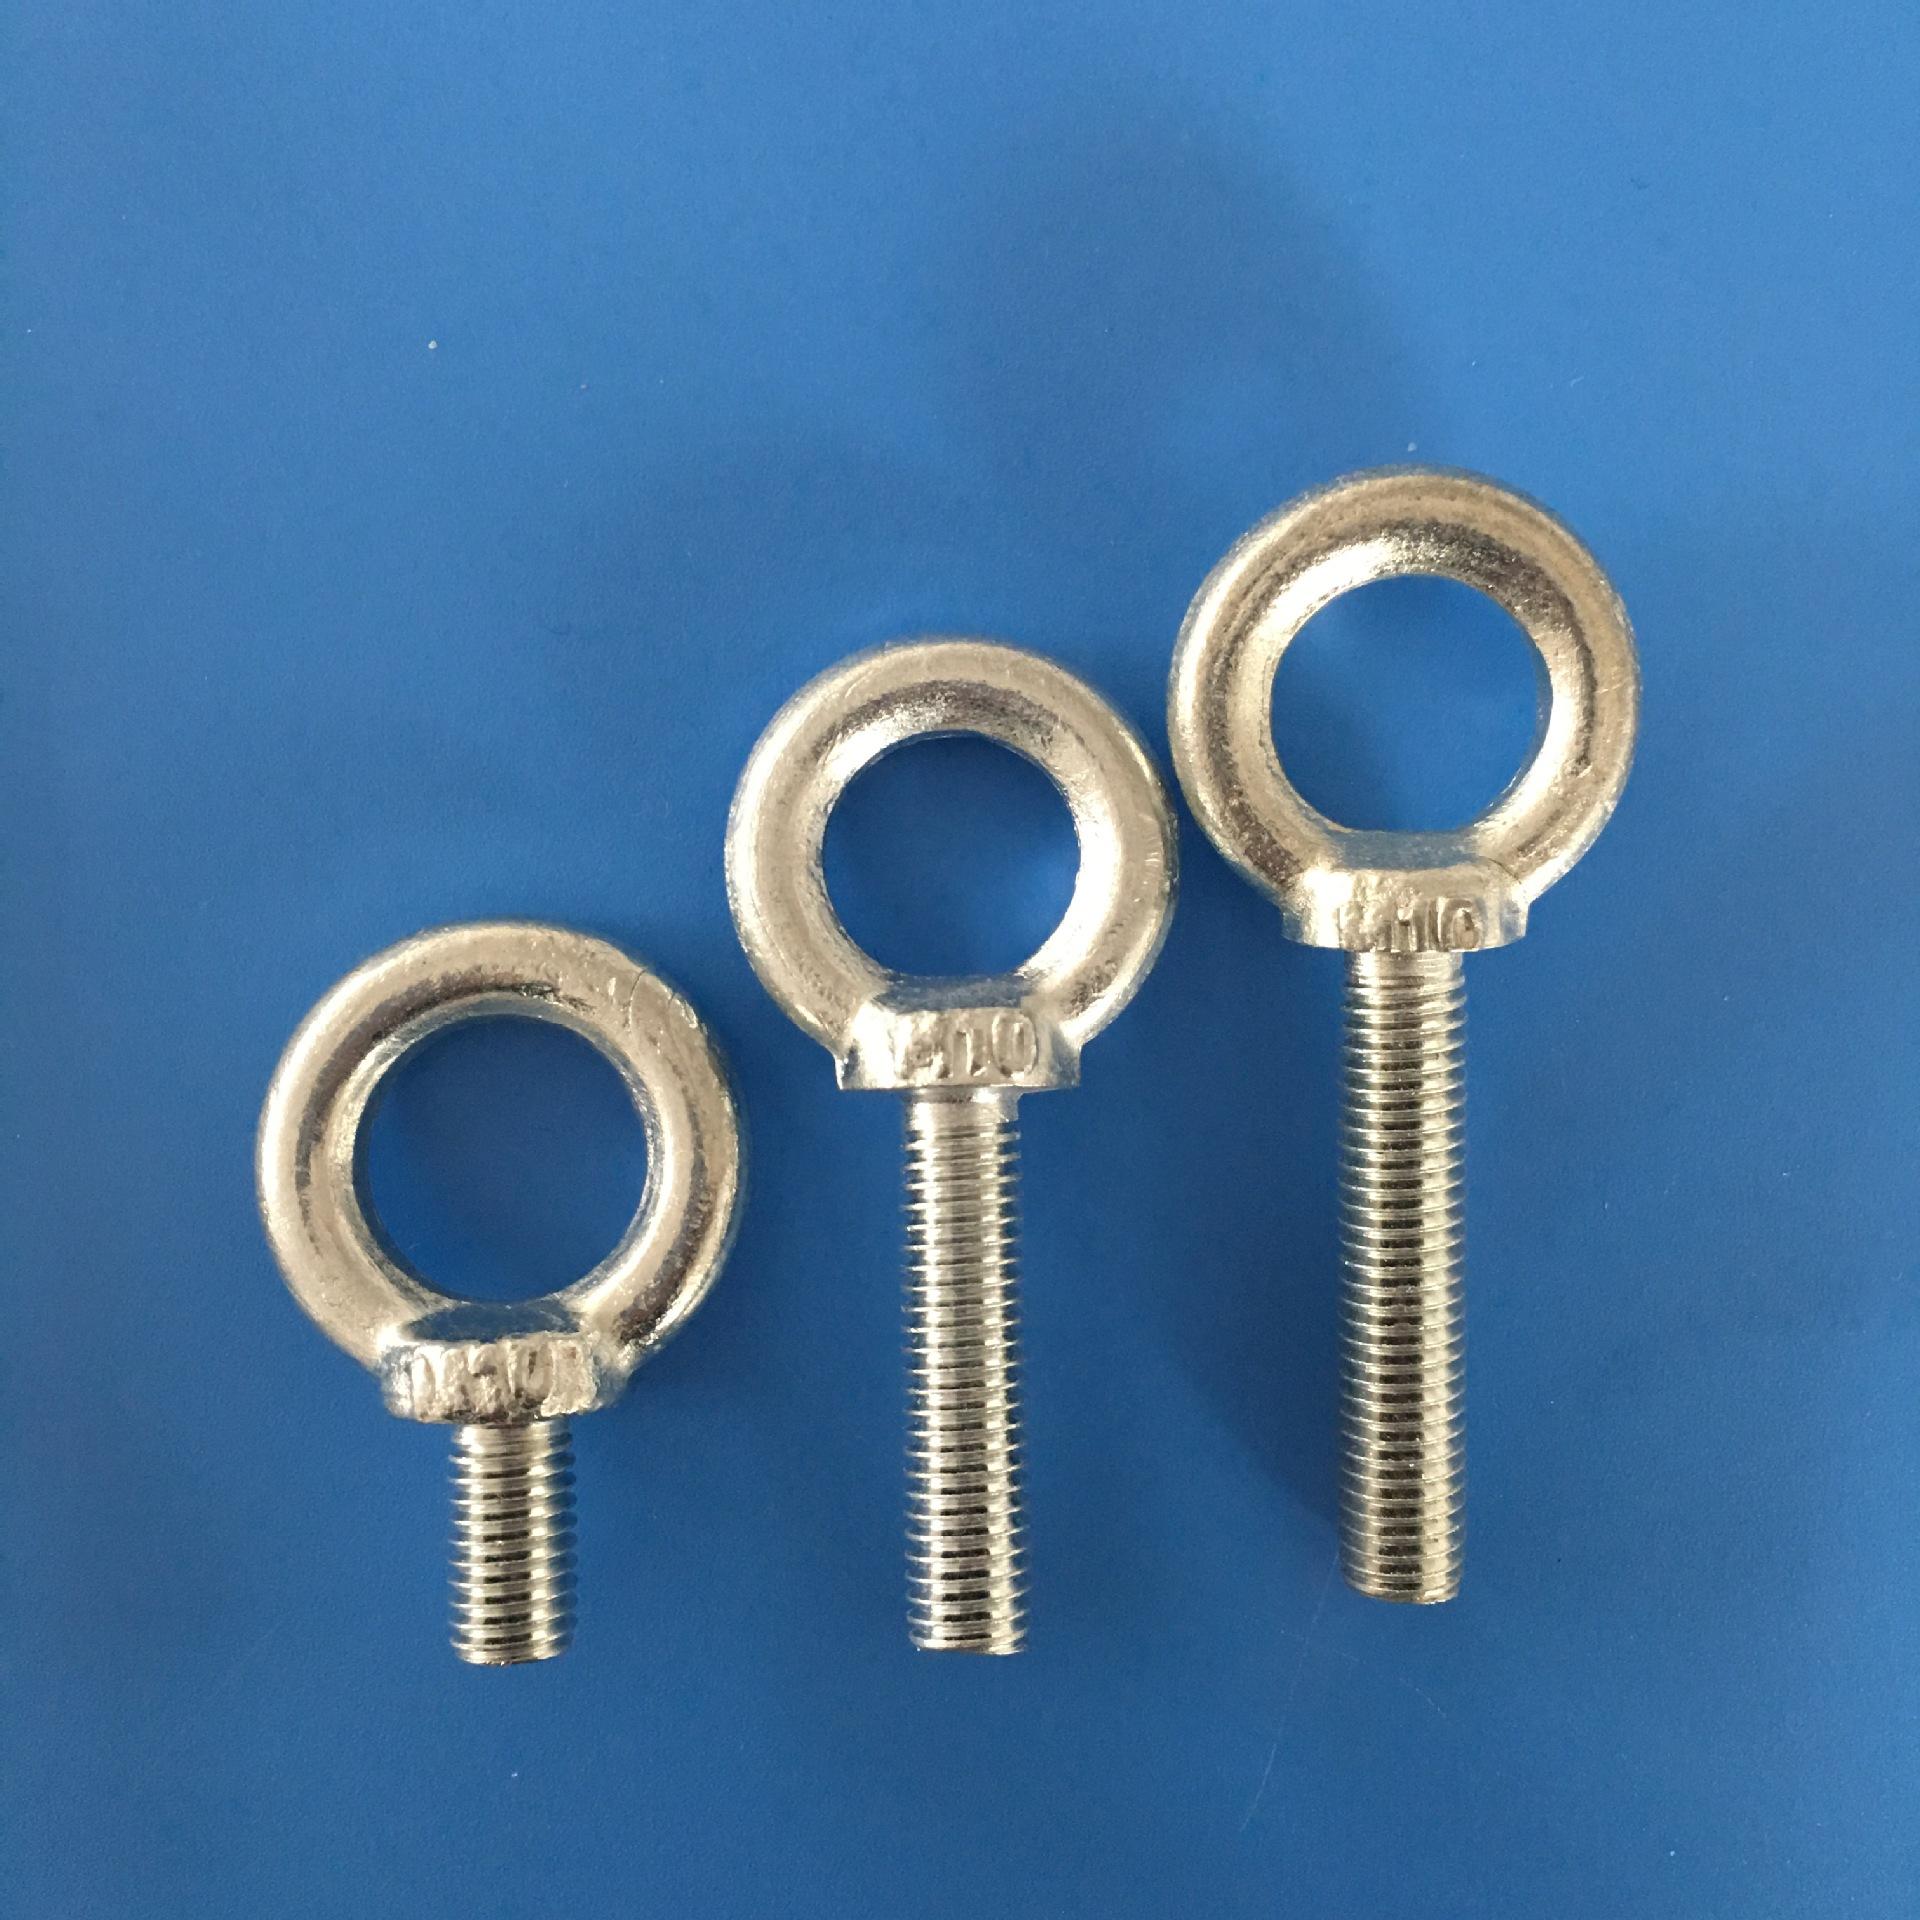 批发m10镀锌吊环螺丝 国标紧固件吊环螺丝 定做加长吊环螺丝